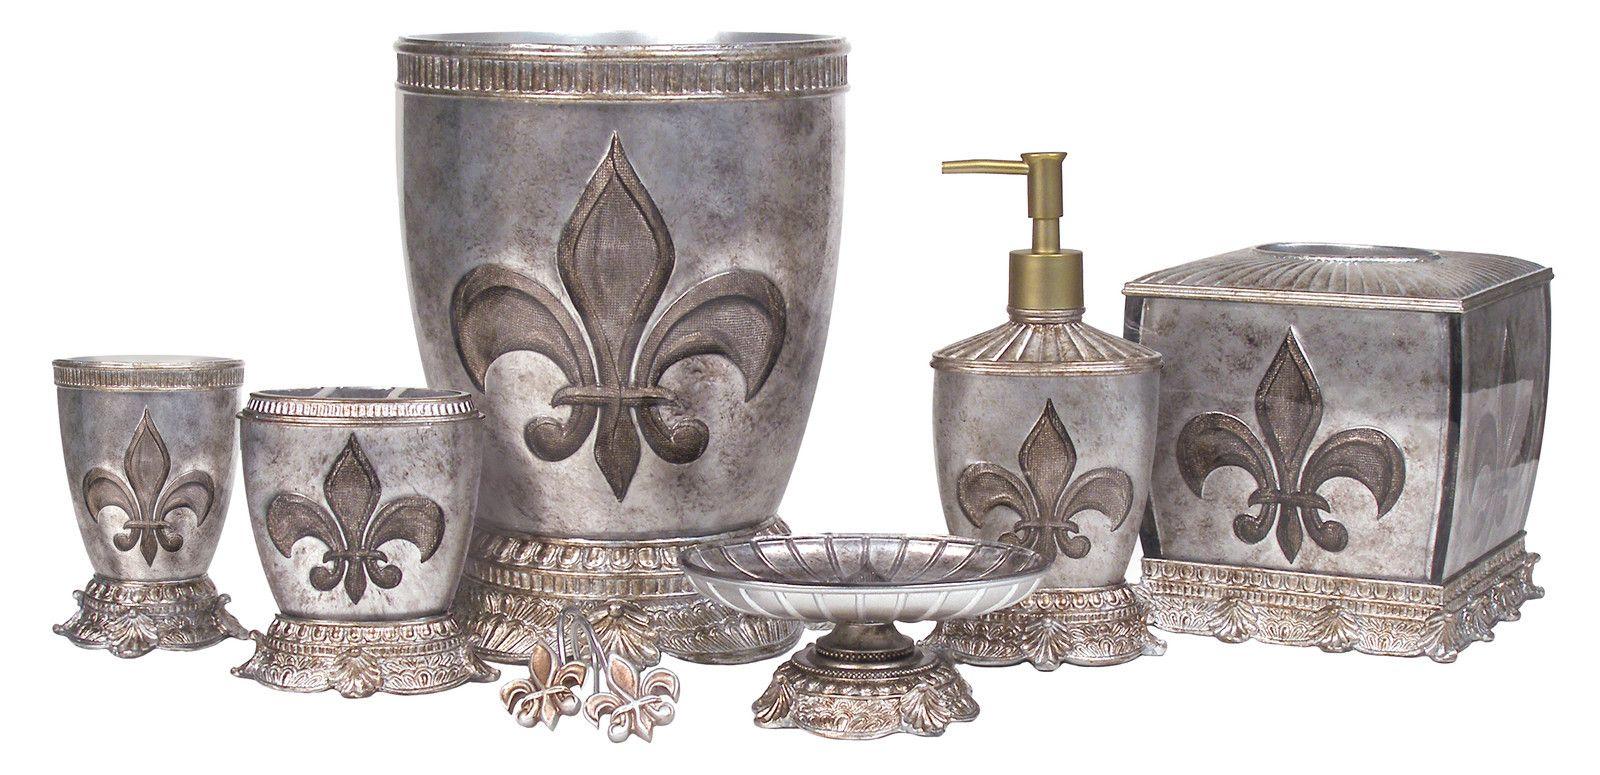 French Flair Luxe Fleur de Lis Bath Accessories Bathroom ...